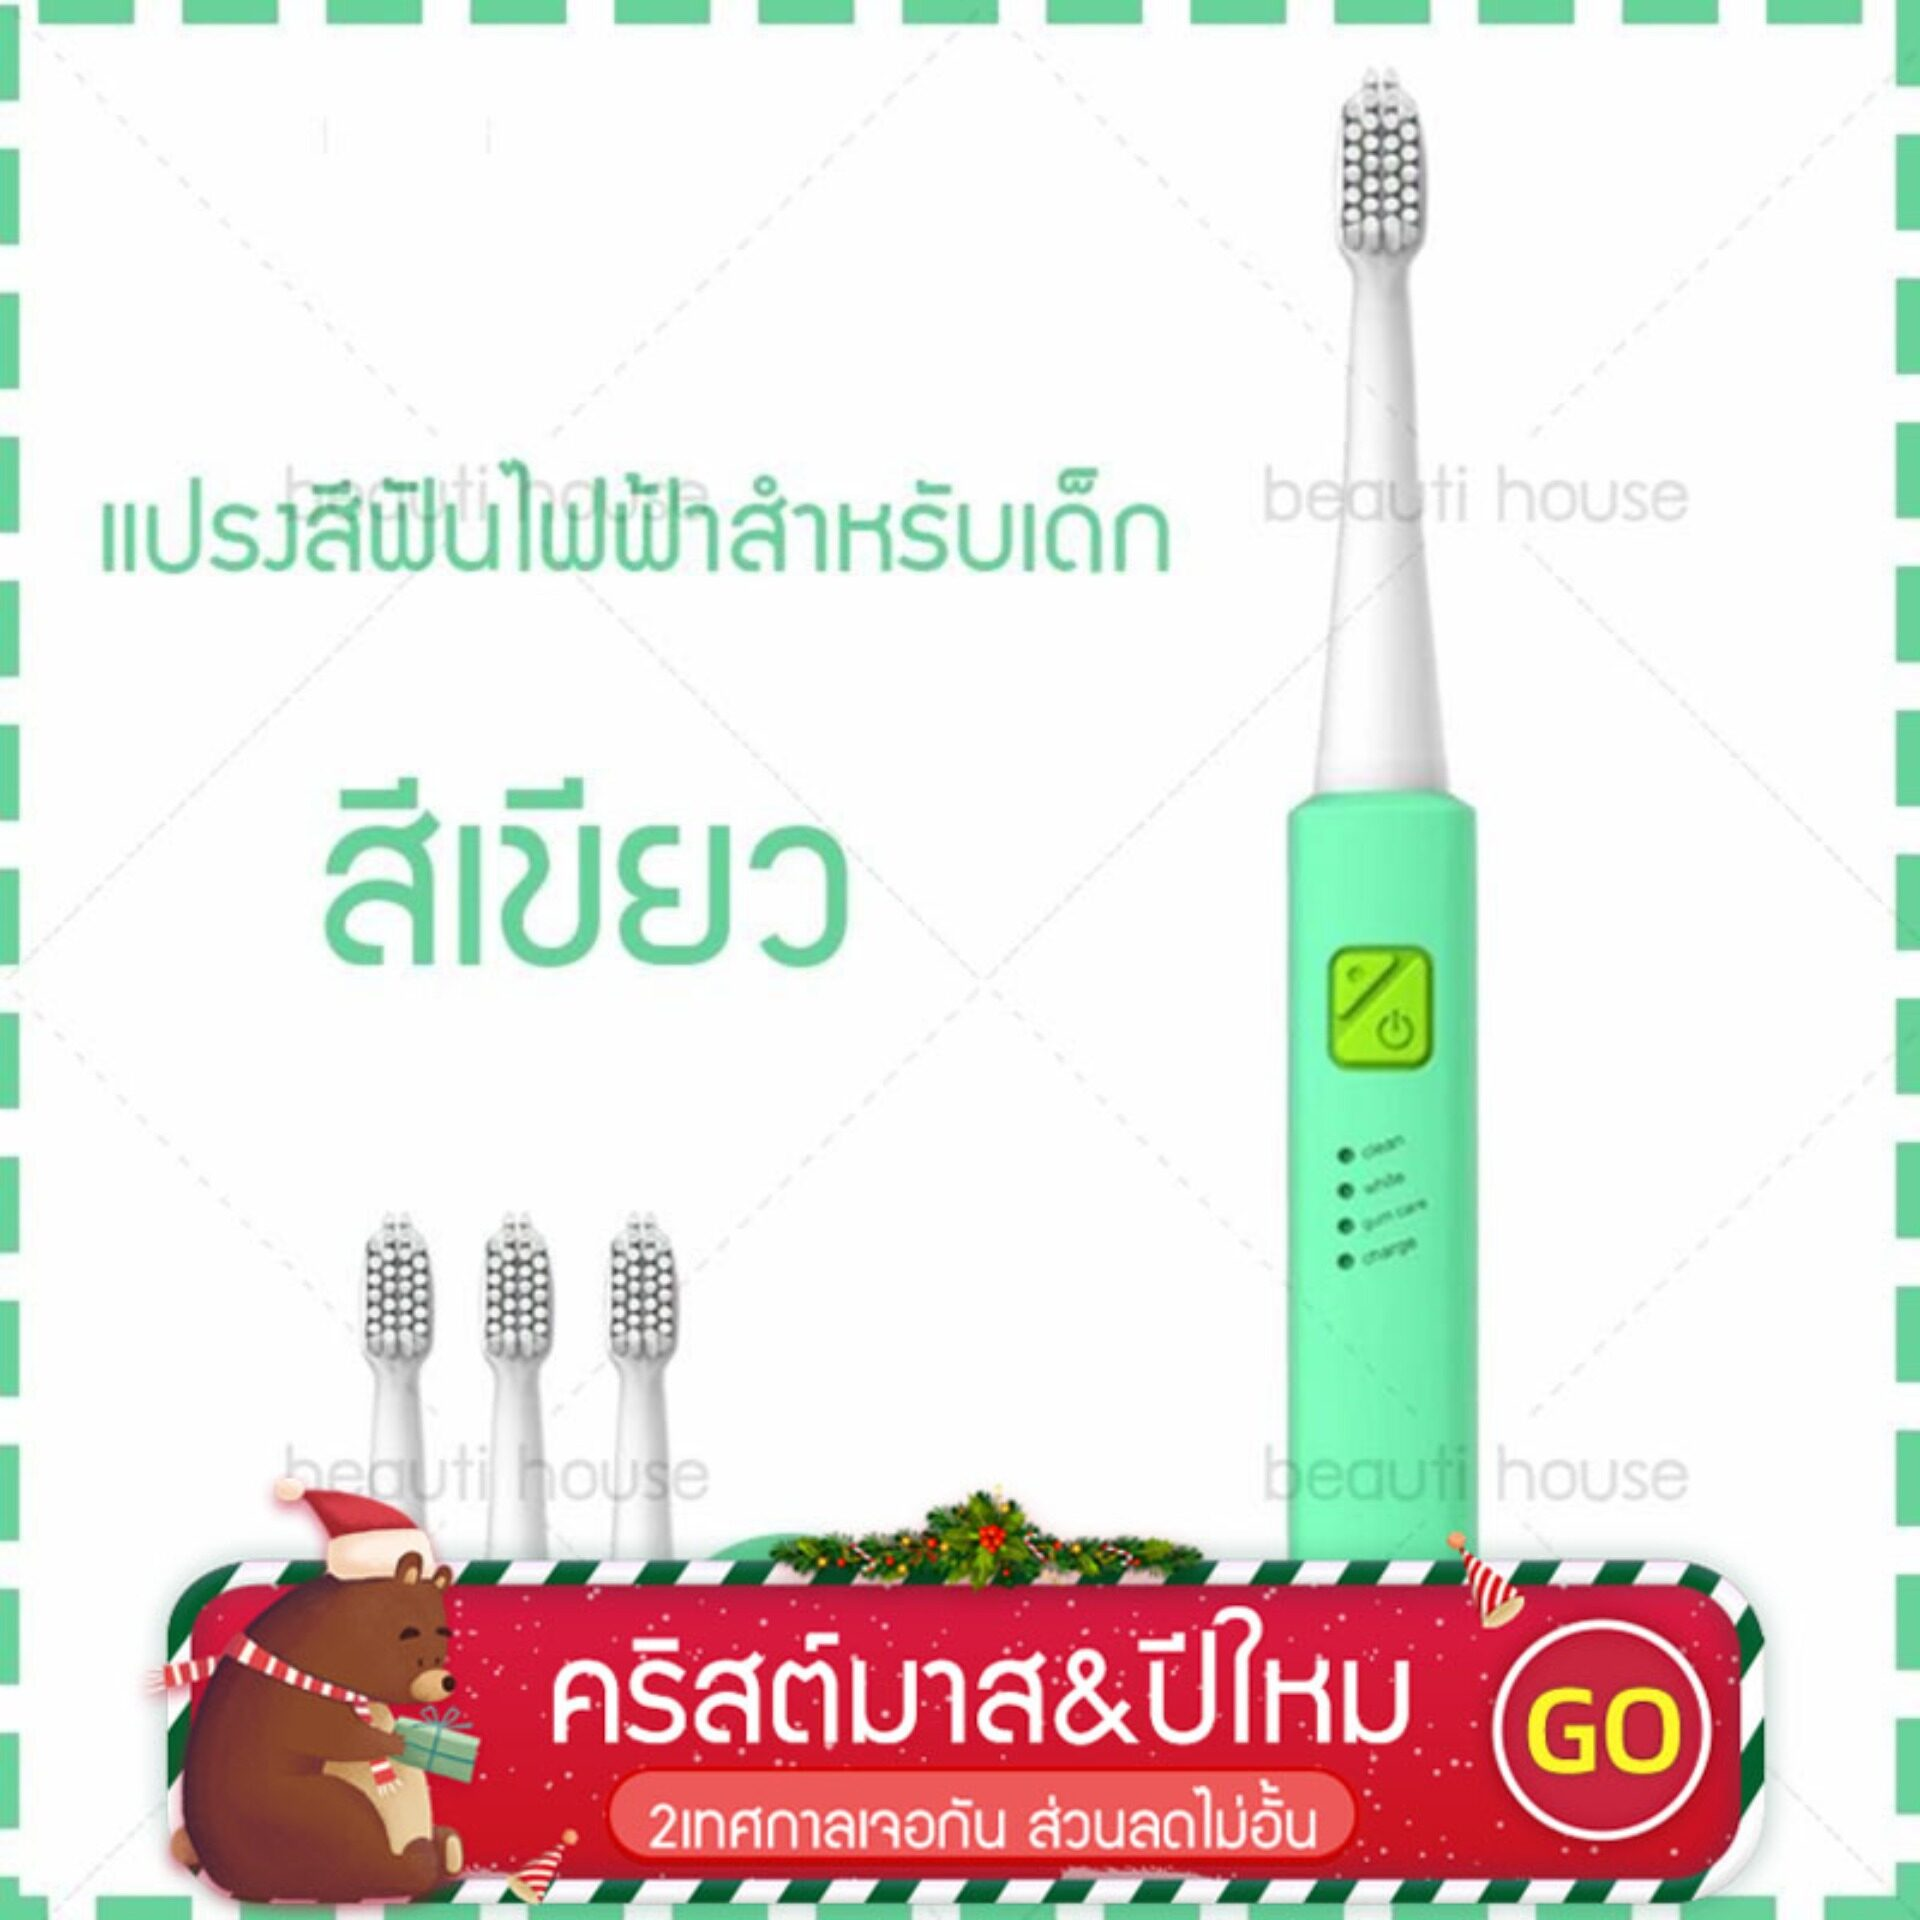 แปรงสีฟันไฟฟ้า ช่วยดูแลสุขภาพช่องปาก หนองคาย LANSUNG  แปลงสีฟัน แปรงสีฟันไฟฟ้า ระบบSonic ชุดแปรงสีฟันไฟฟ้า พร้อมหัวเปลี่ยน 3 หัว ขนแรปงนิ่ม ชาร์จแบต กันน้ำ สำหรับเด็กสีเขียว  สำหรับผู้ใหญ่สีม่วง